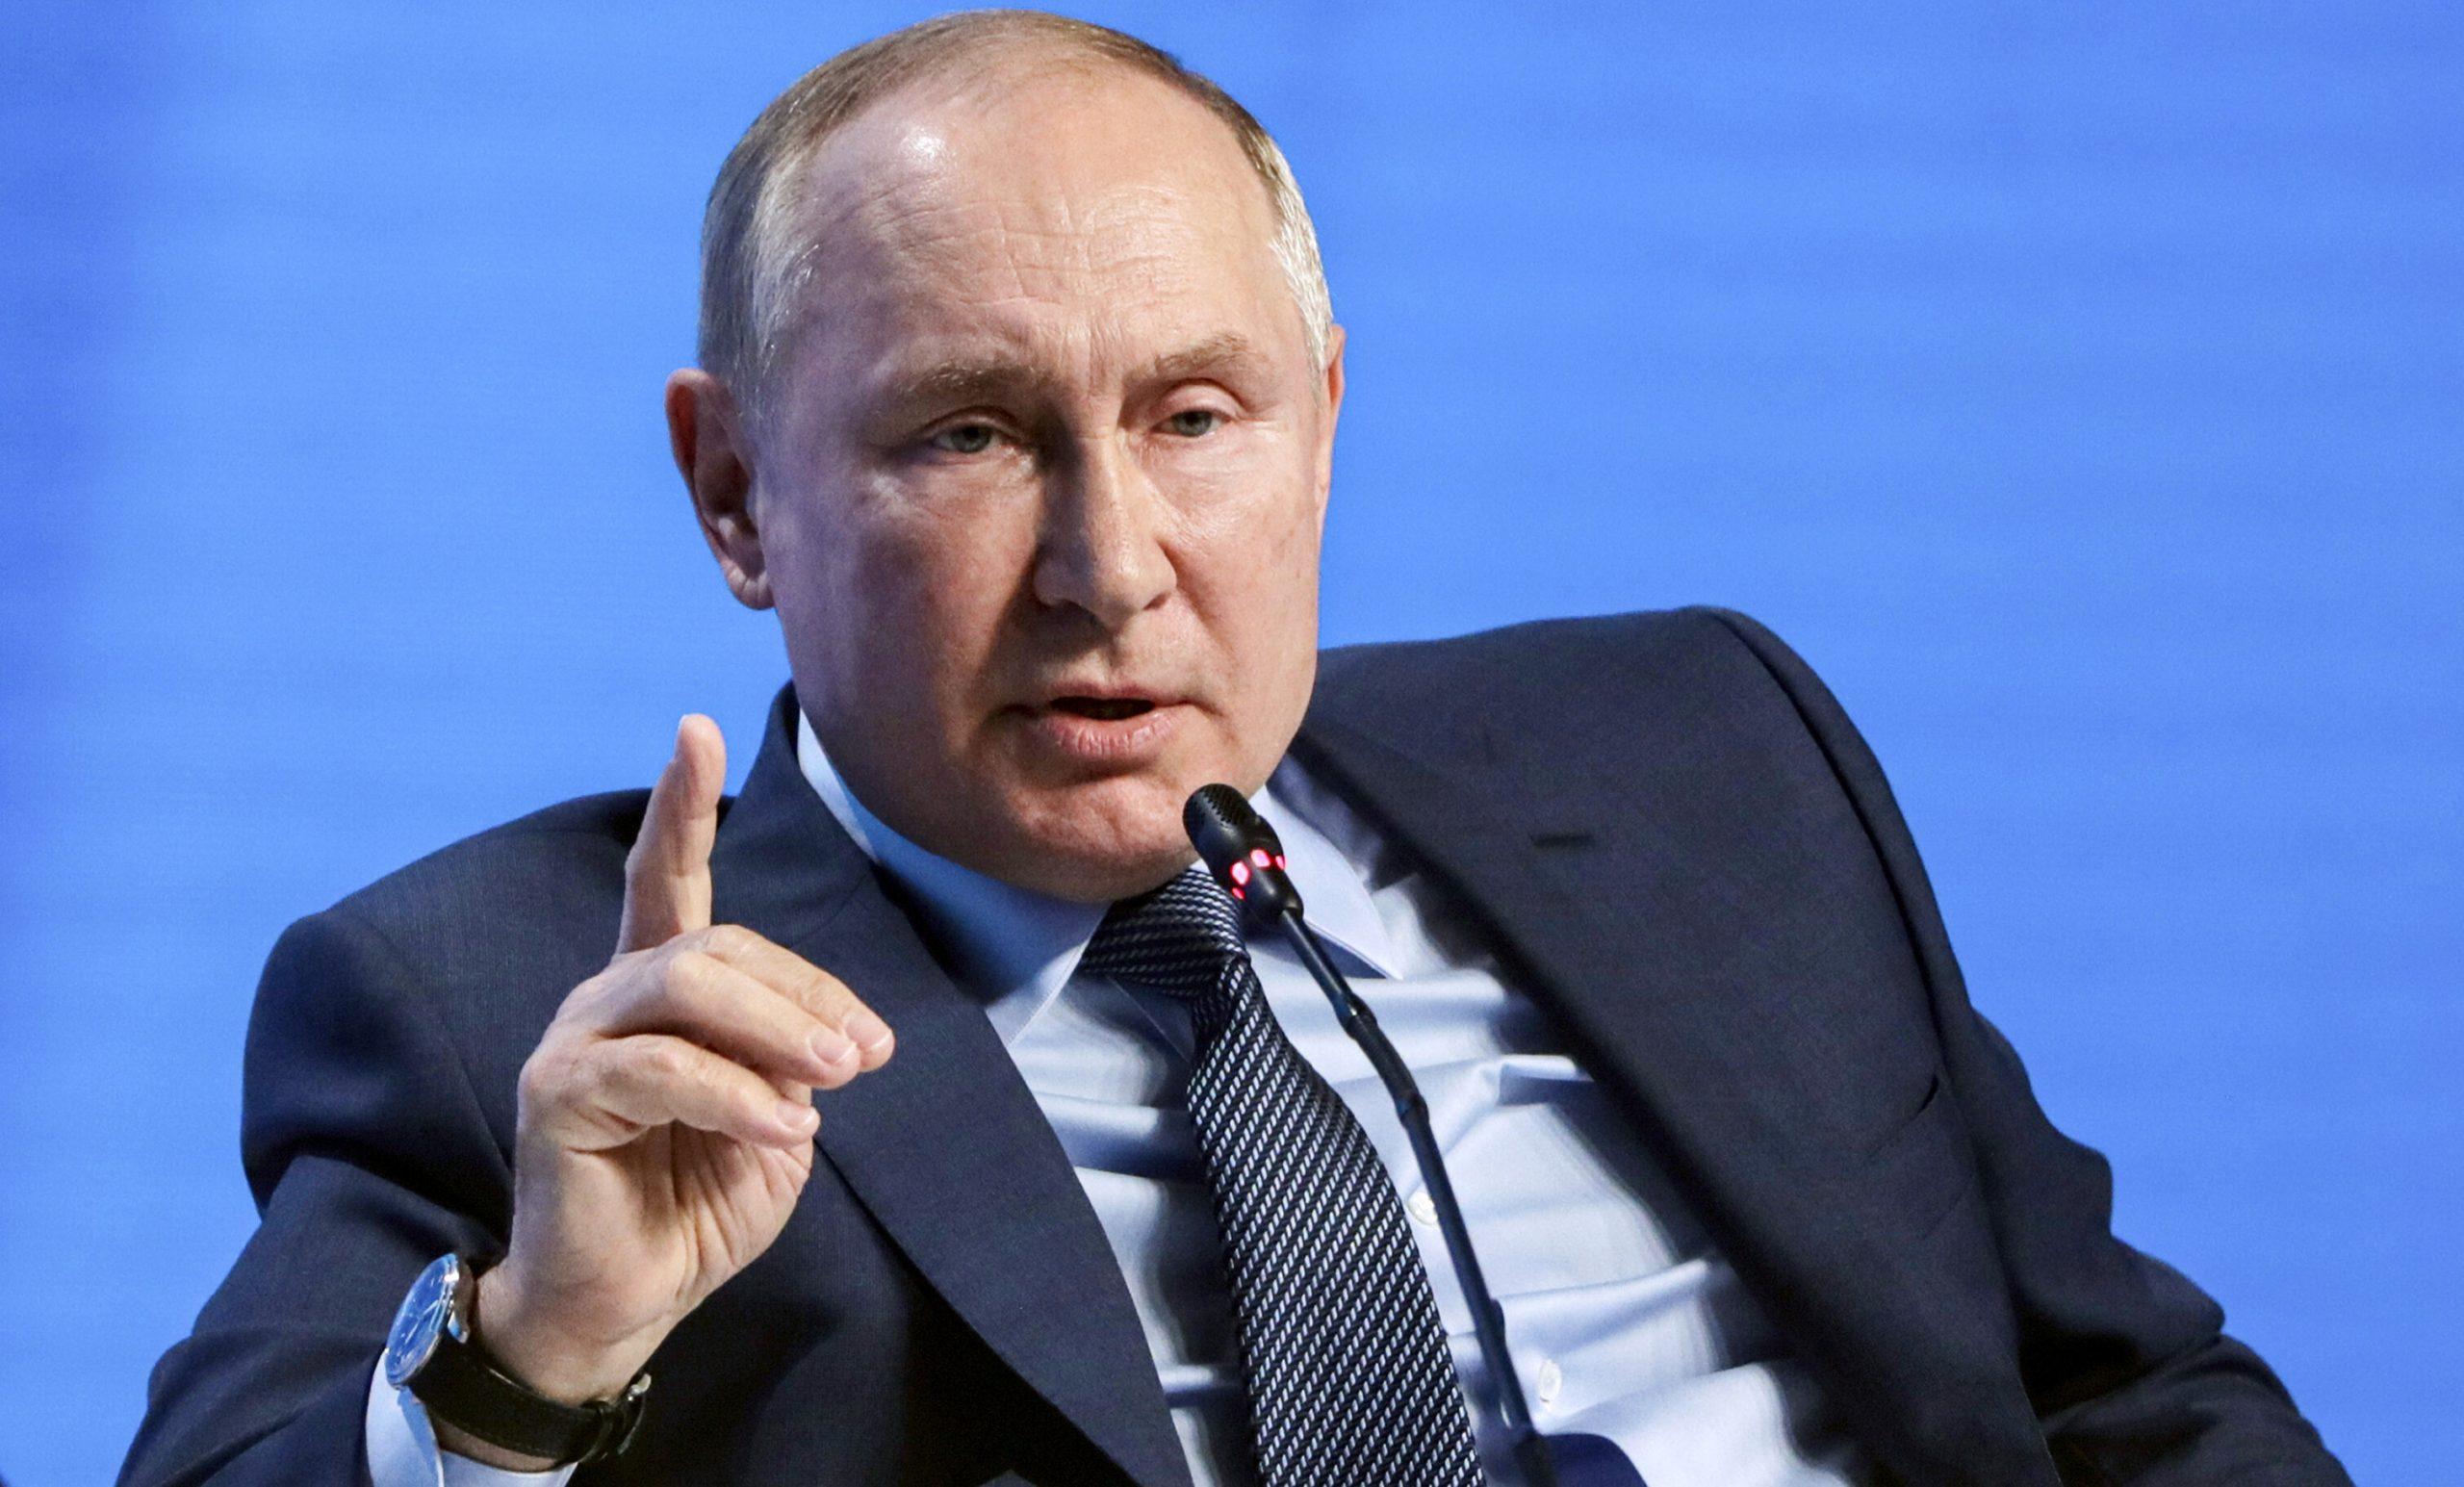 """Vladimir Putin promite mai mult gaz Europei, dacă va cere. """"Este o prostie totală"""" să spui că folosim energia ca armă politică"""